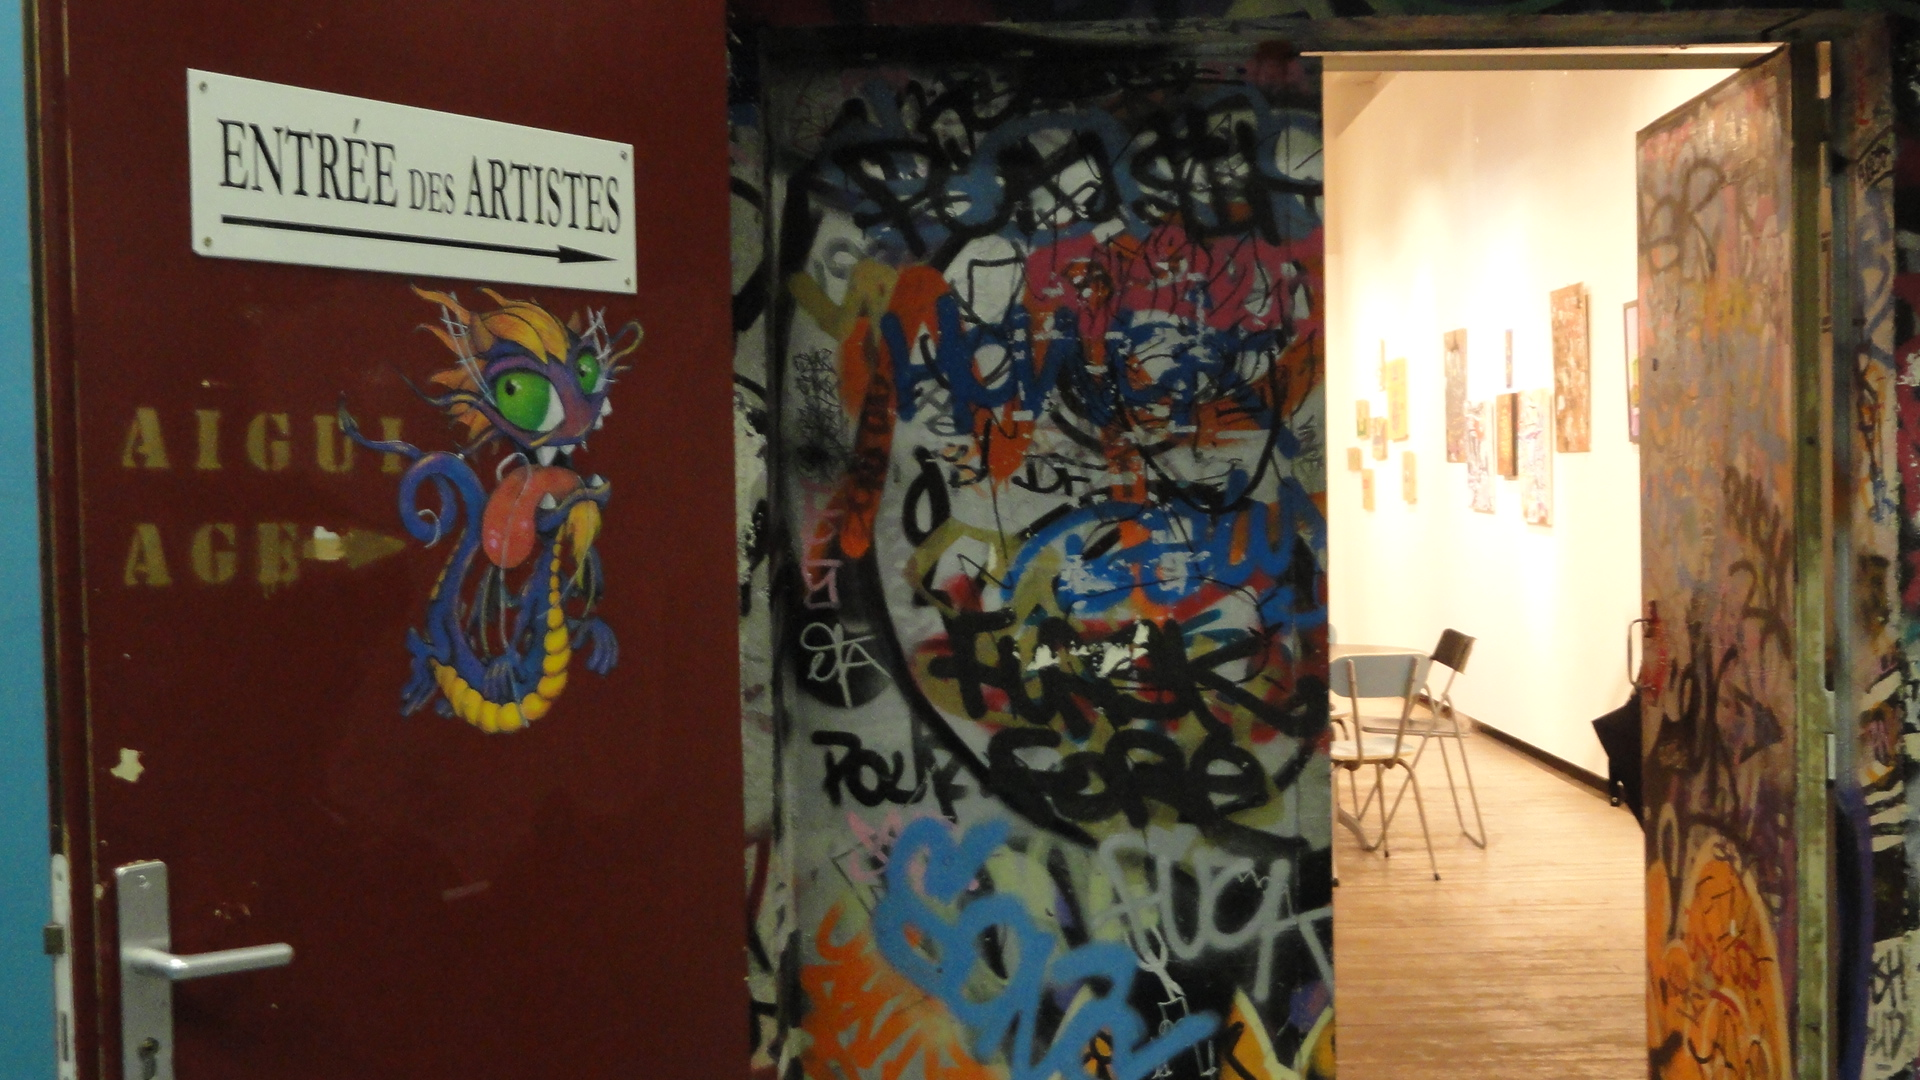 L'Aiguillage Galerie - Les Frigos - Paris 13e